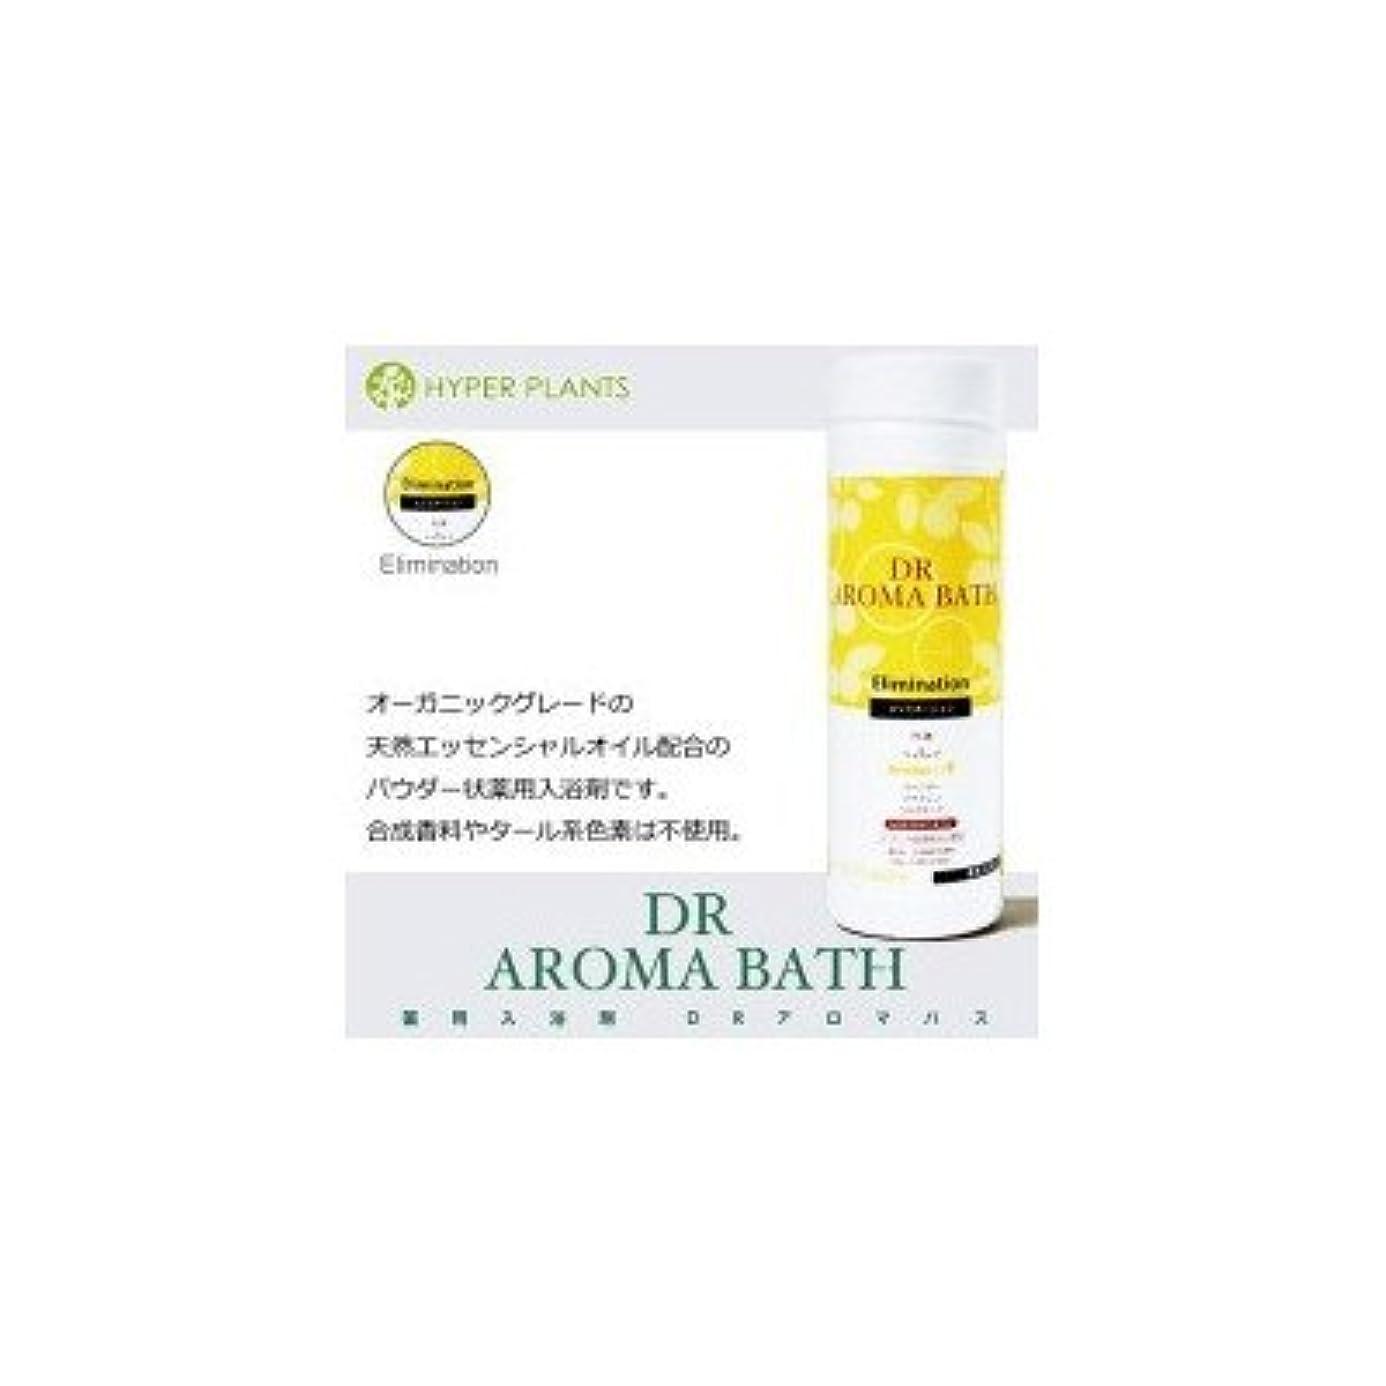 本質的に慢心理的医薬部外品 薬用入浴剤 ハイパープランツ(HYPER PLANTS) DRアロマバス エリミネーション 500g HNB006